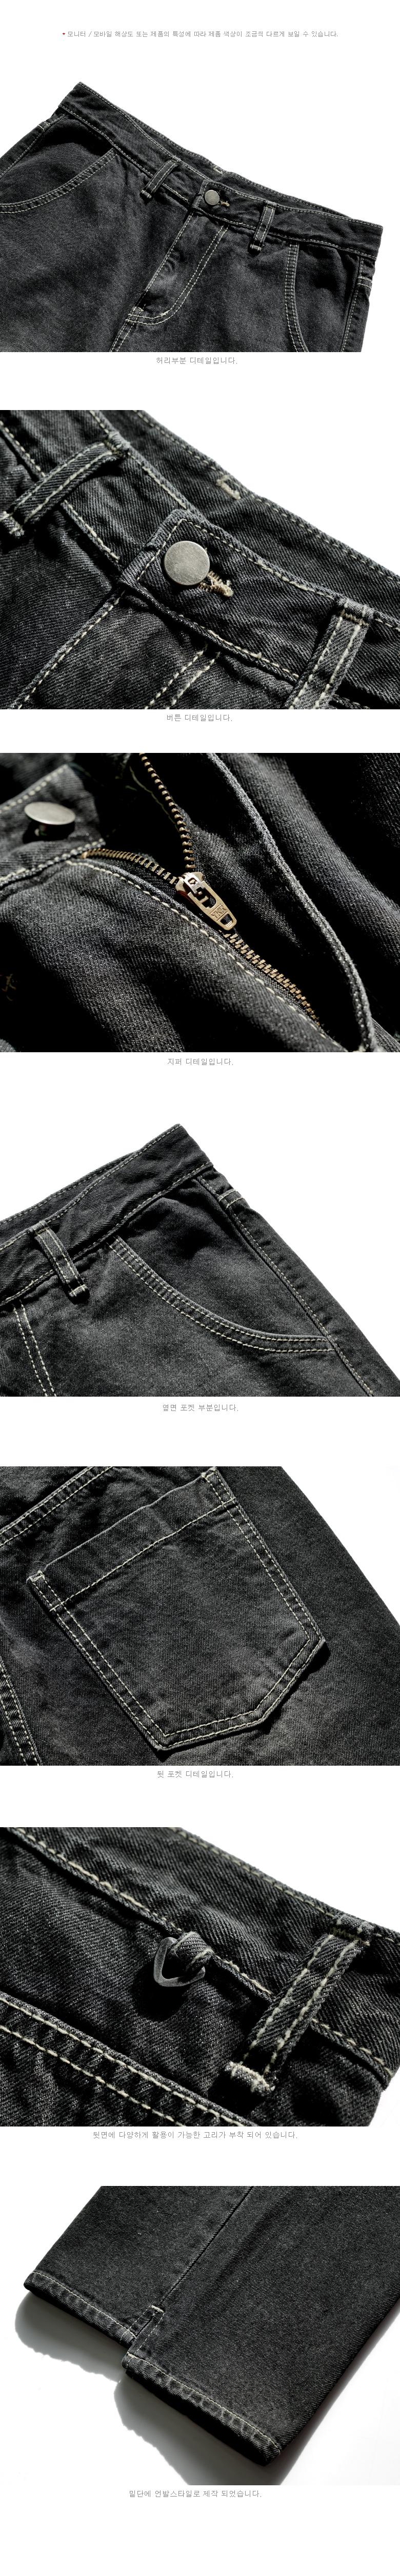 4335_detail_black_ms_02.jpg